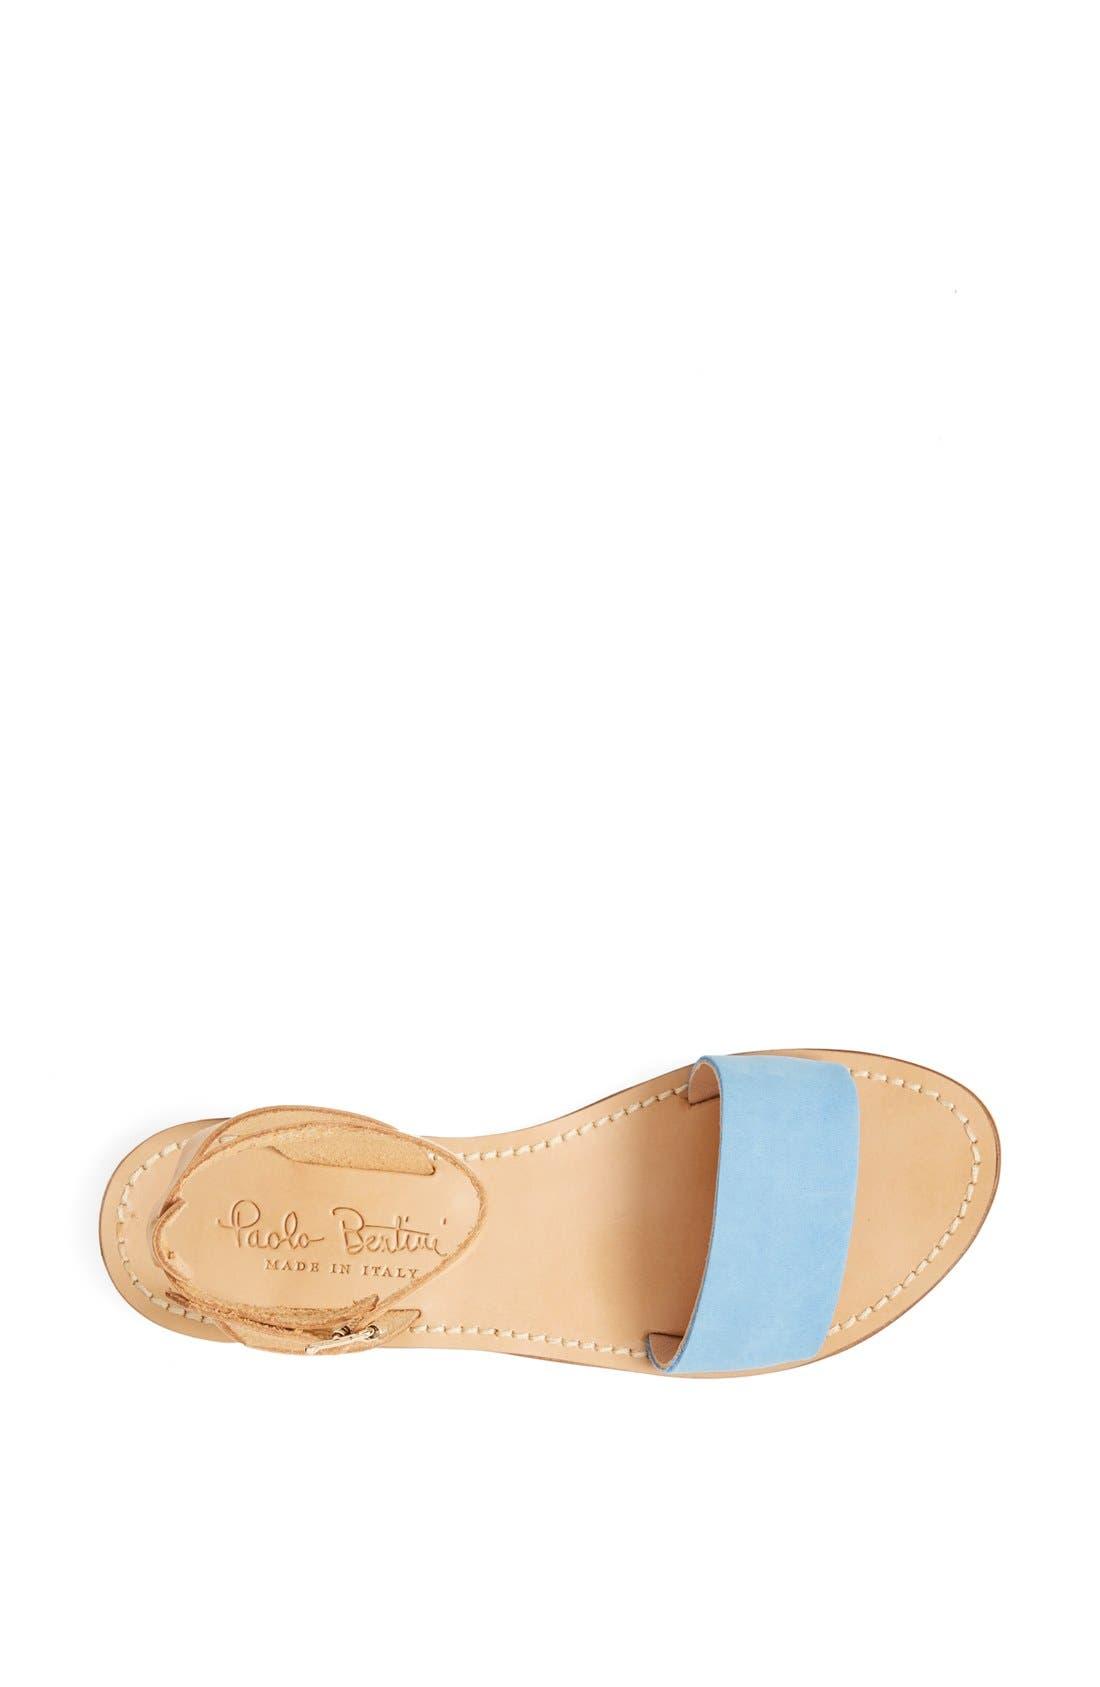 Alternate Image 3  - Paolo Bentini 'Sardinia' Sandal